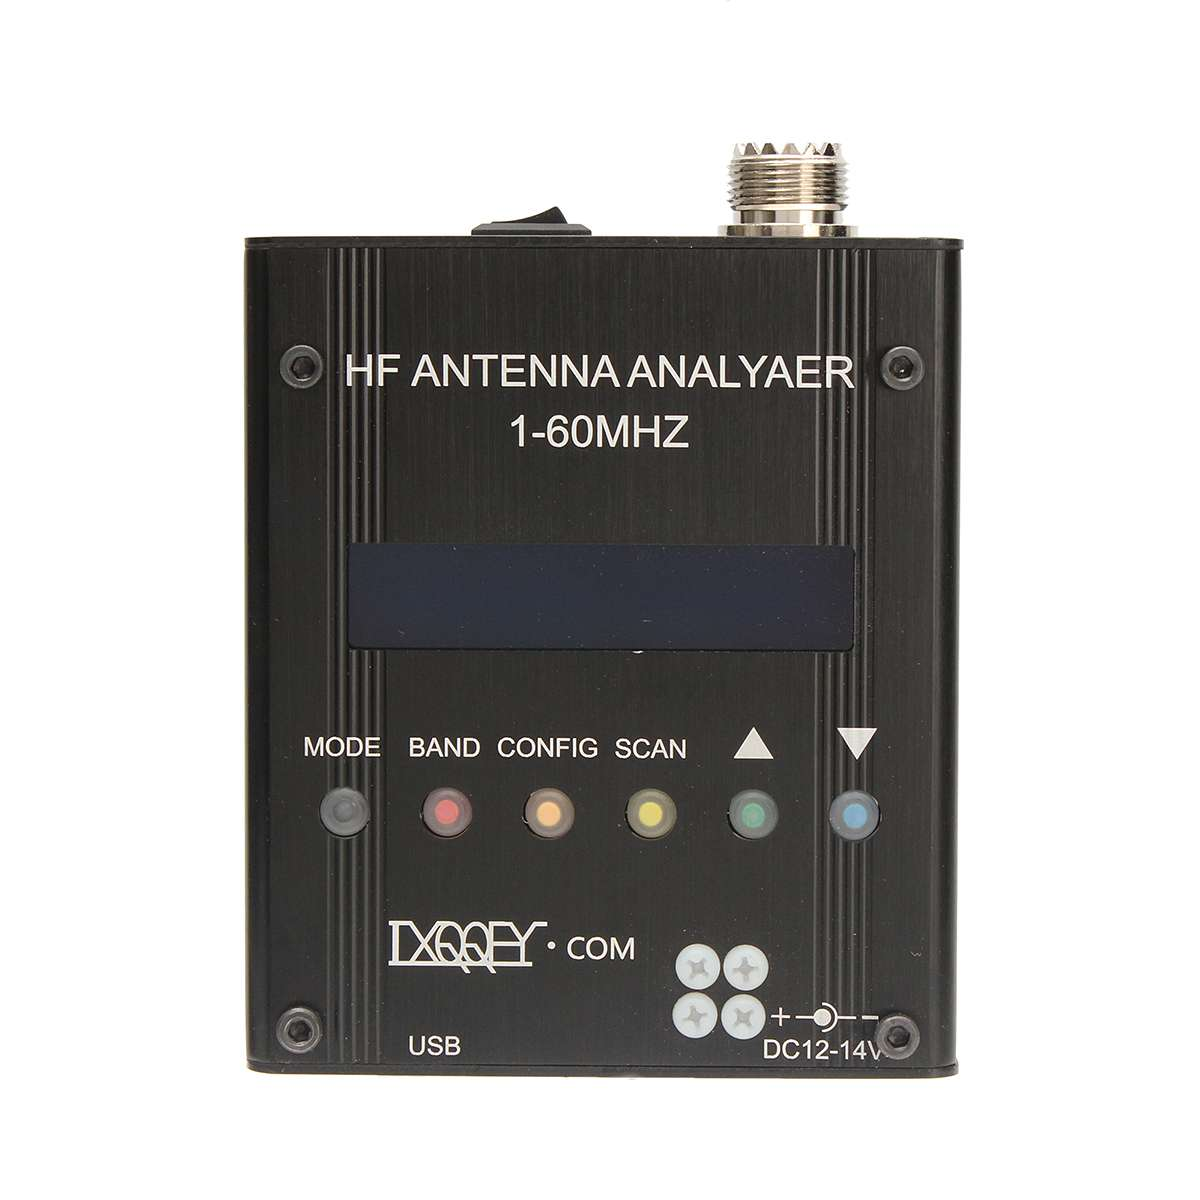 MR300 Digital Shortwave Antenna Analyzer Meter Tester 1-60M For Ham Radio High Precision Meter Antenna Analyzer Tester